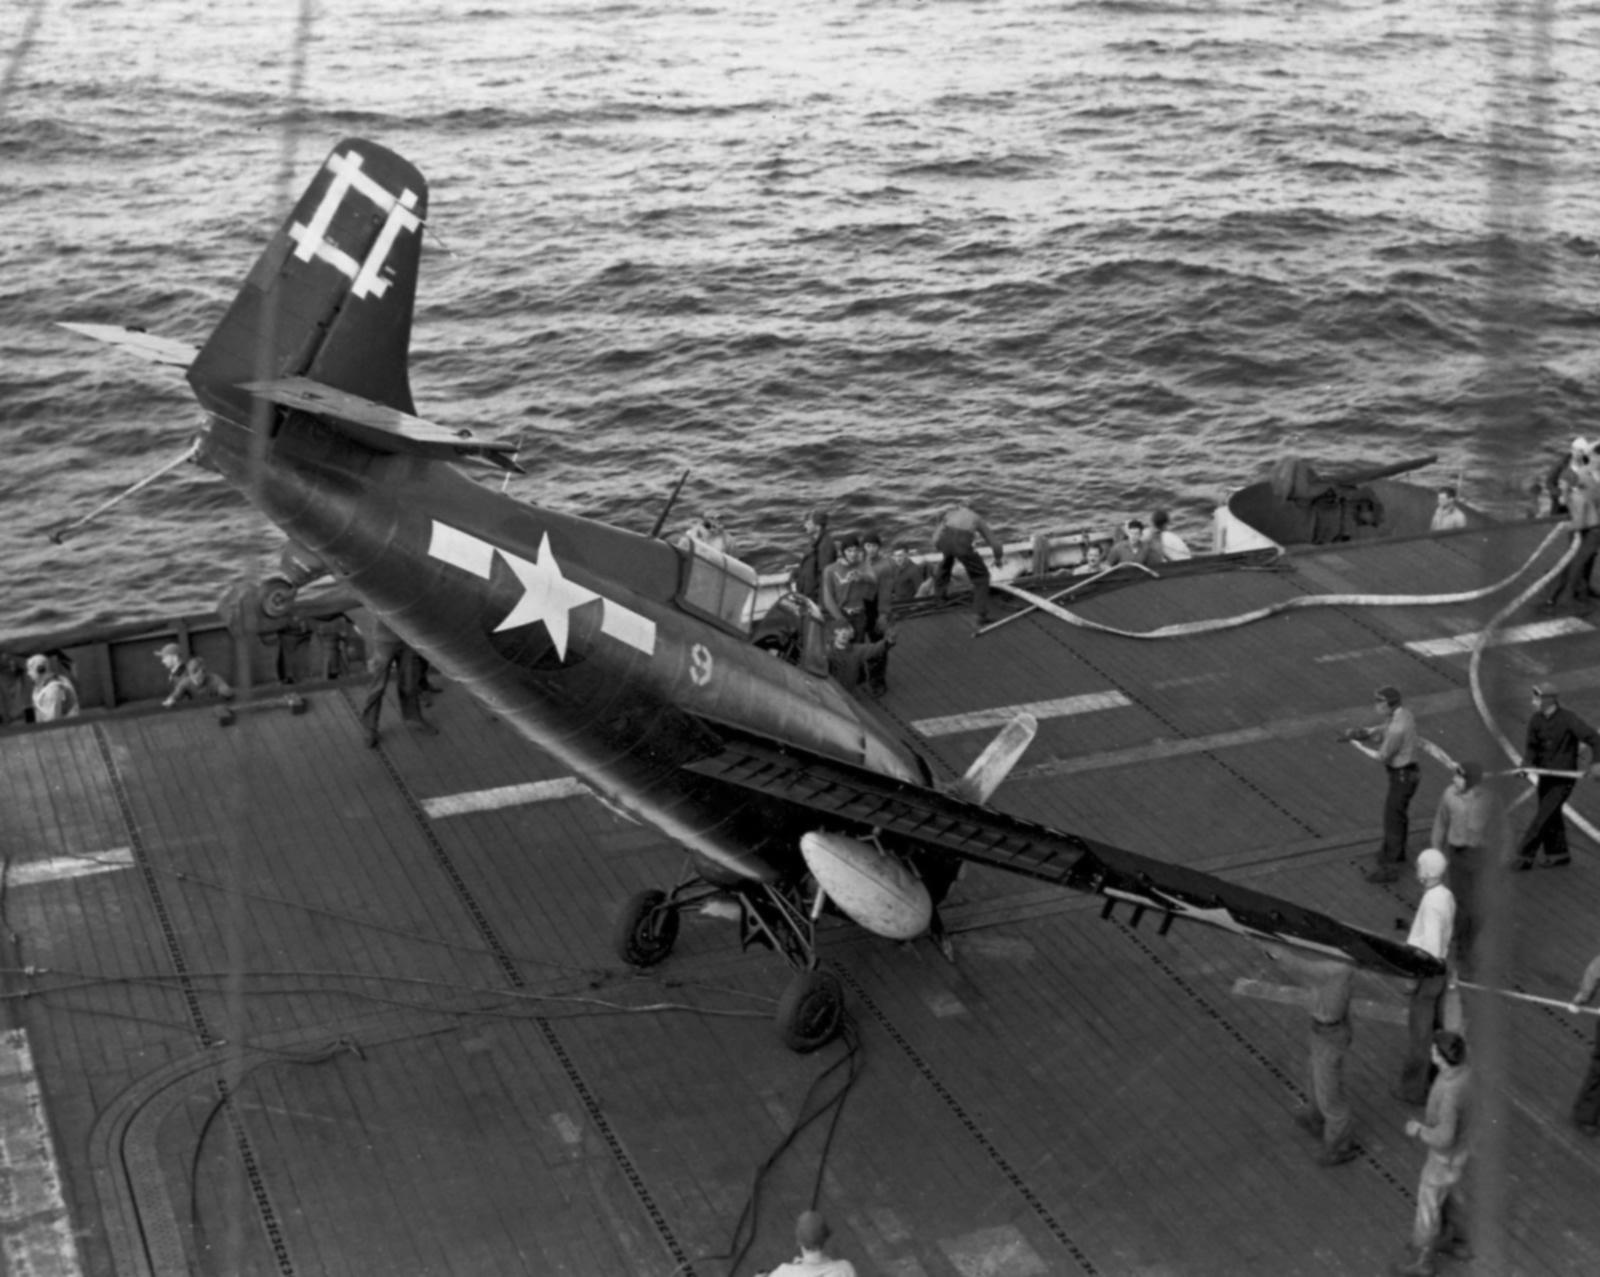 FM 2 Wildcat VC 96 White 9 landing mishap CVE 81 USS Rudyerd Bay 1st Apr 1945 01